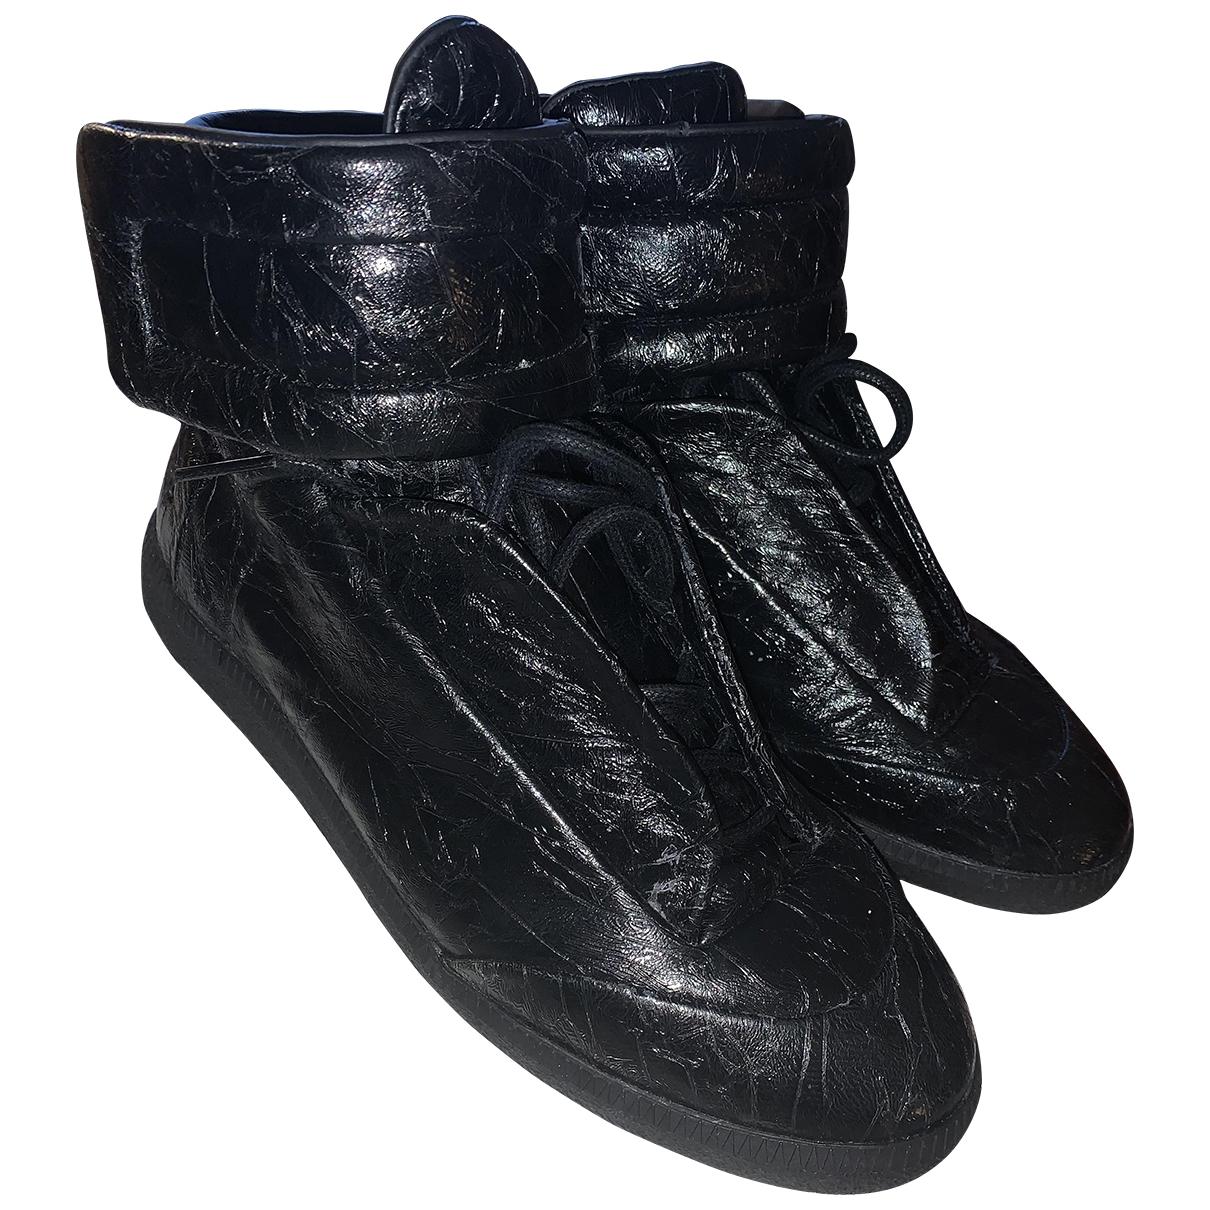 Maison Martin Margiela - Baskets Future pour homme en cuir verni - noir